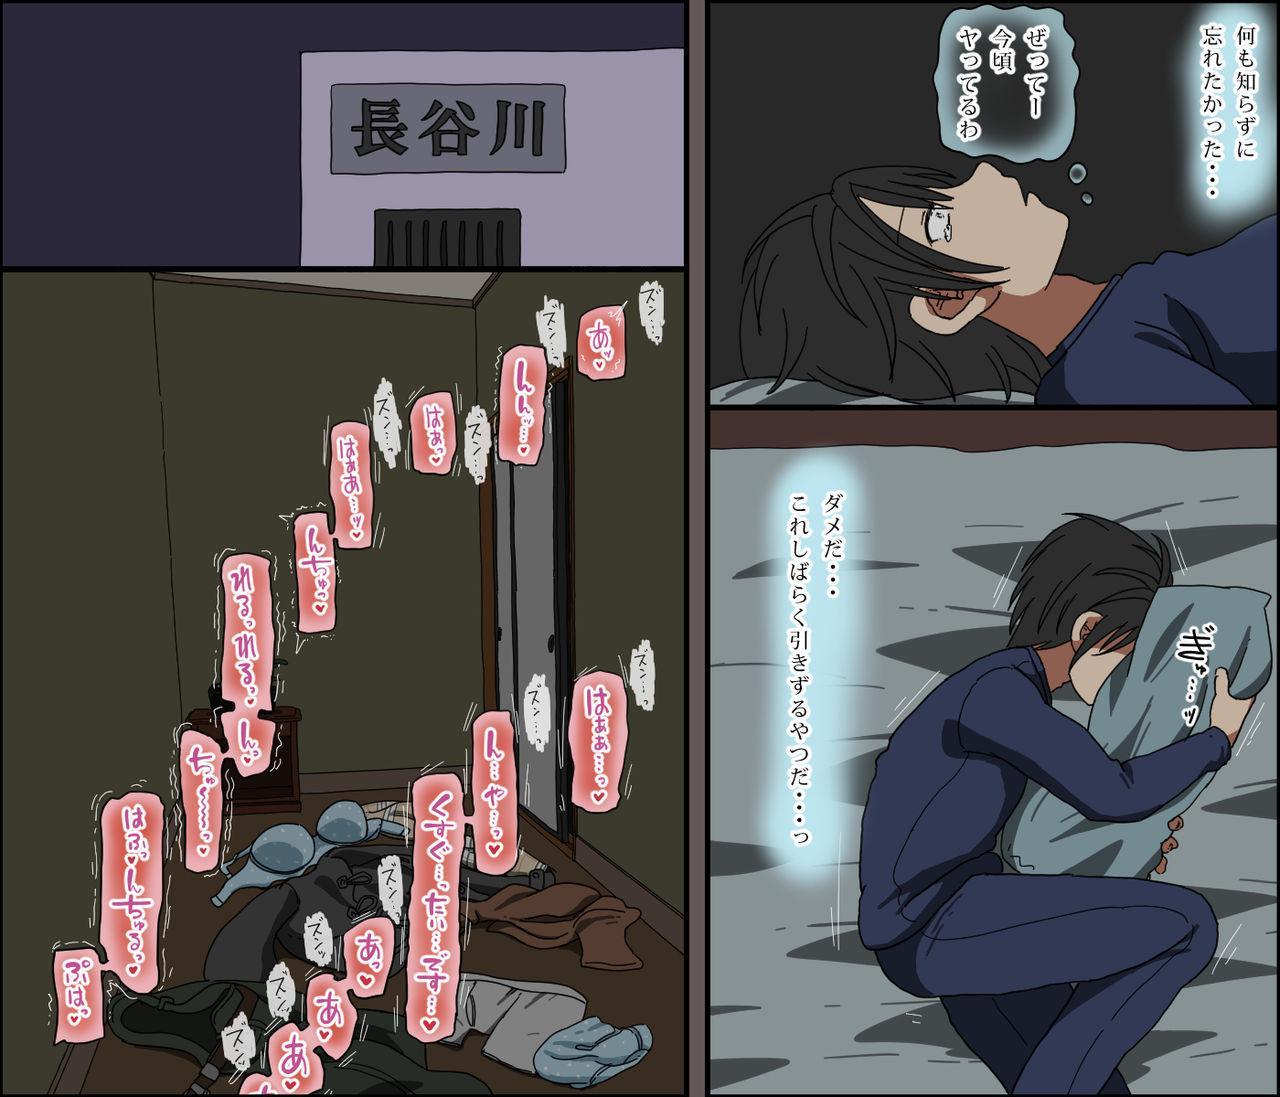 Aitsu ga Katta Gom no Size wa Ore no yori Dekakatta 84